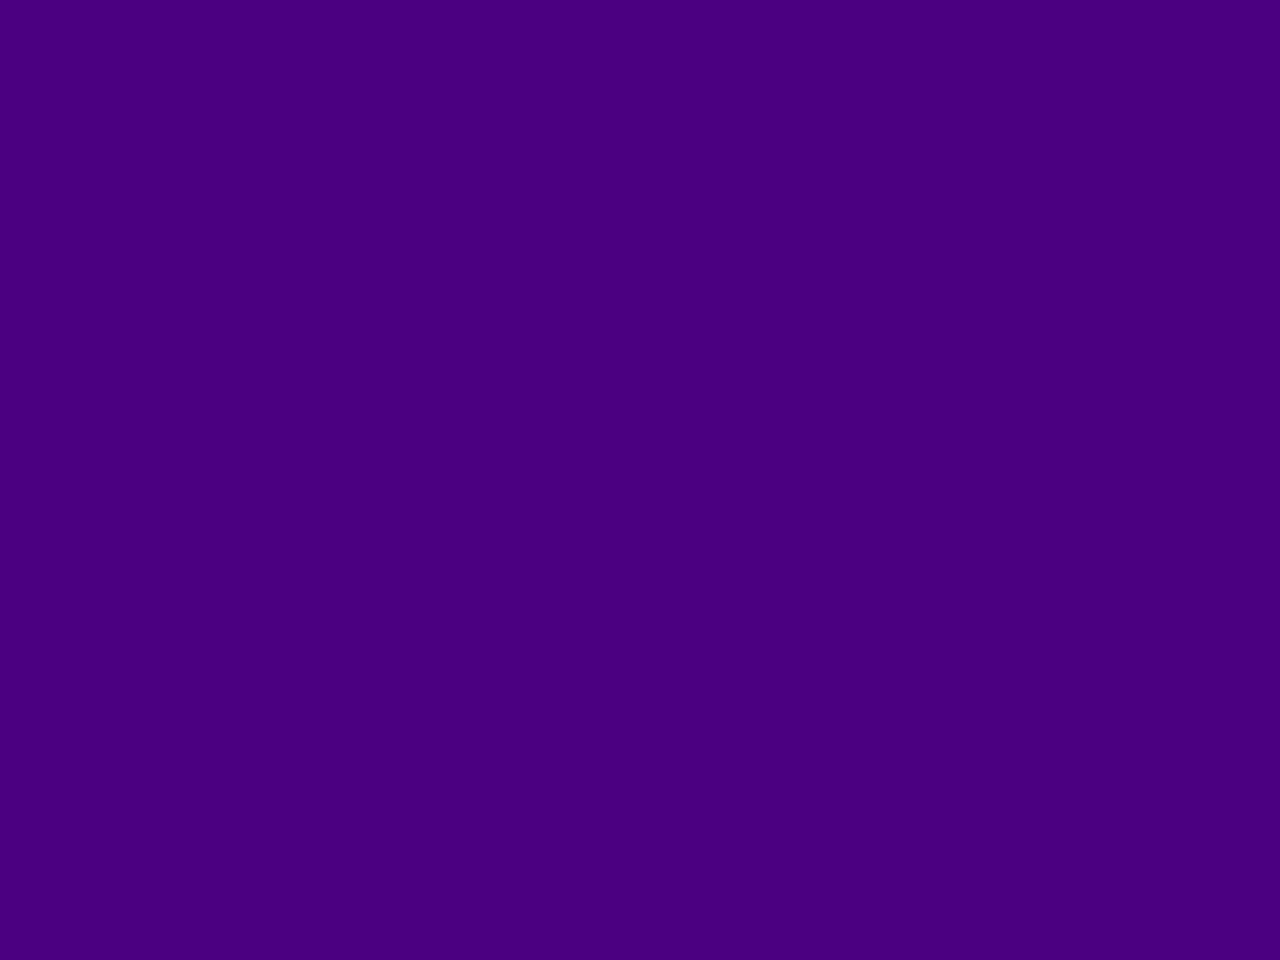 1280x960 Indigo Web Solid Color Background